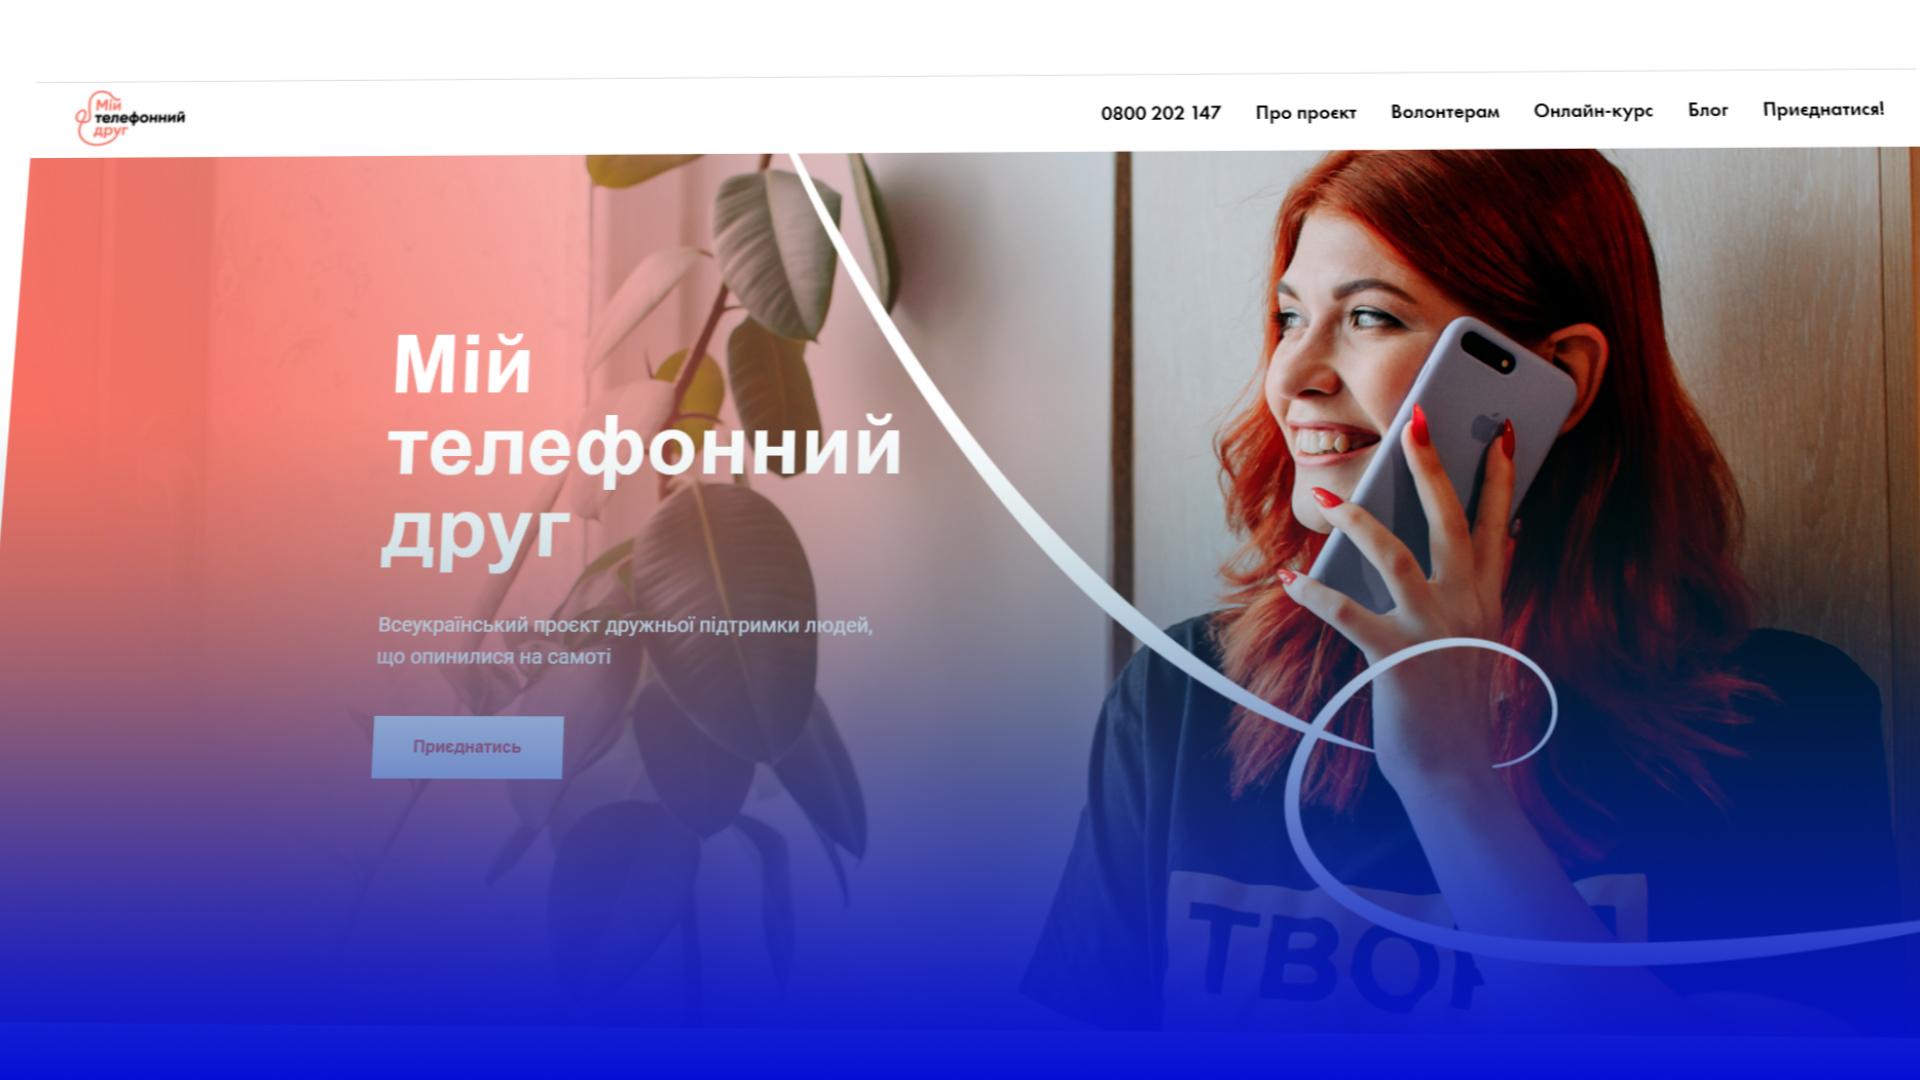 """""""Мій телефонний друг"""": волонтери України допомагають людям, які залишилися на самоті"""